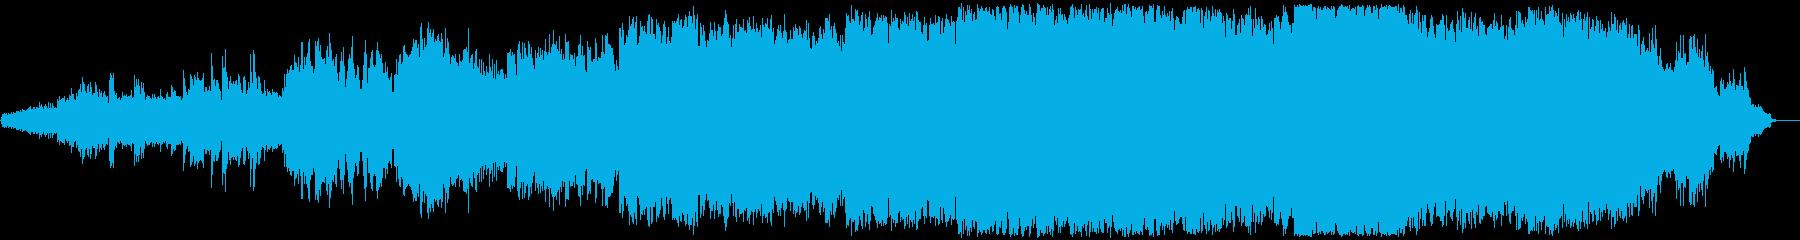 感動的なクラシカルでワールドなサウンドの再生済みの波形